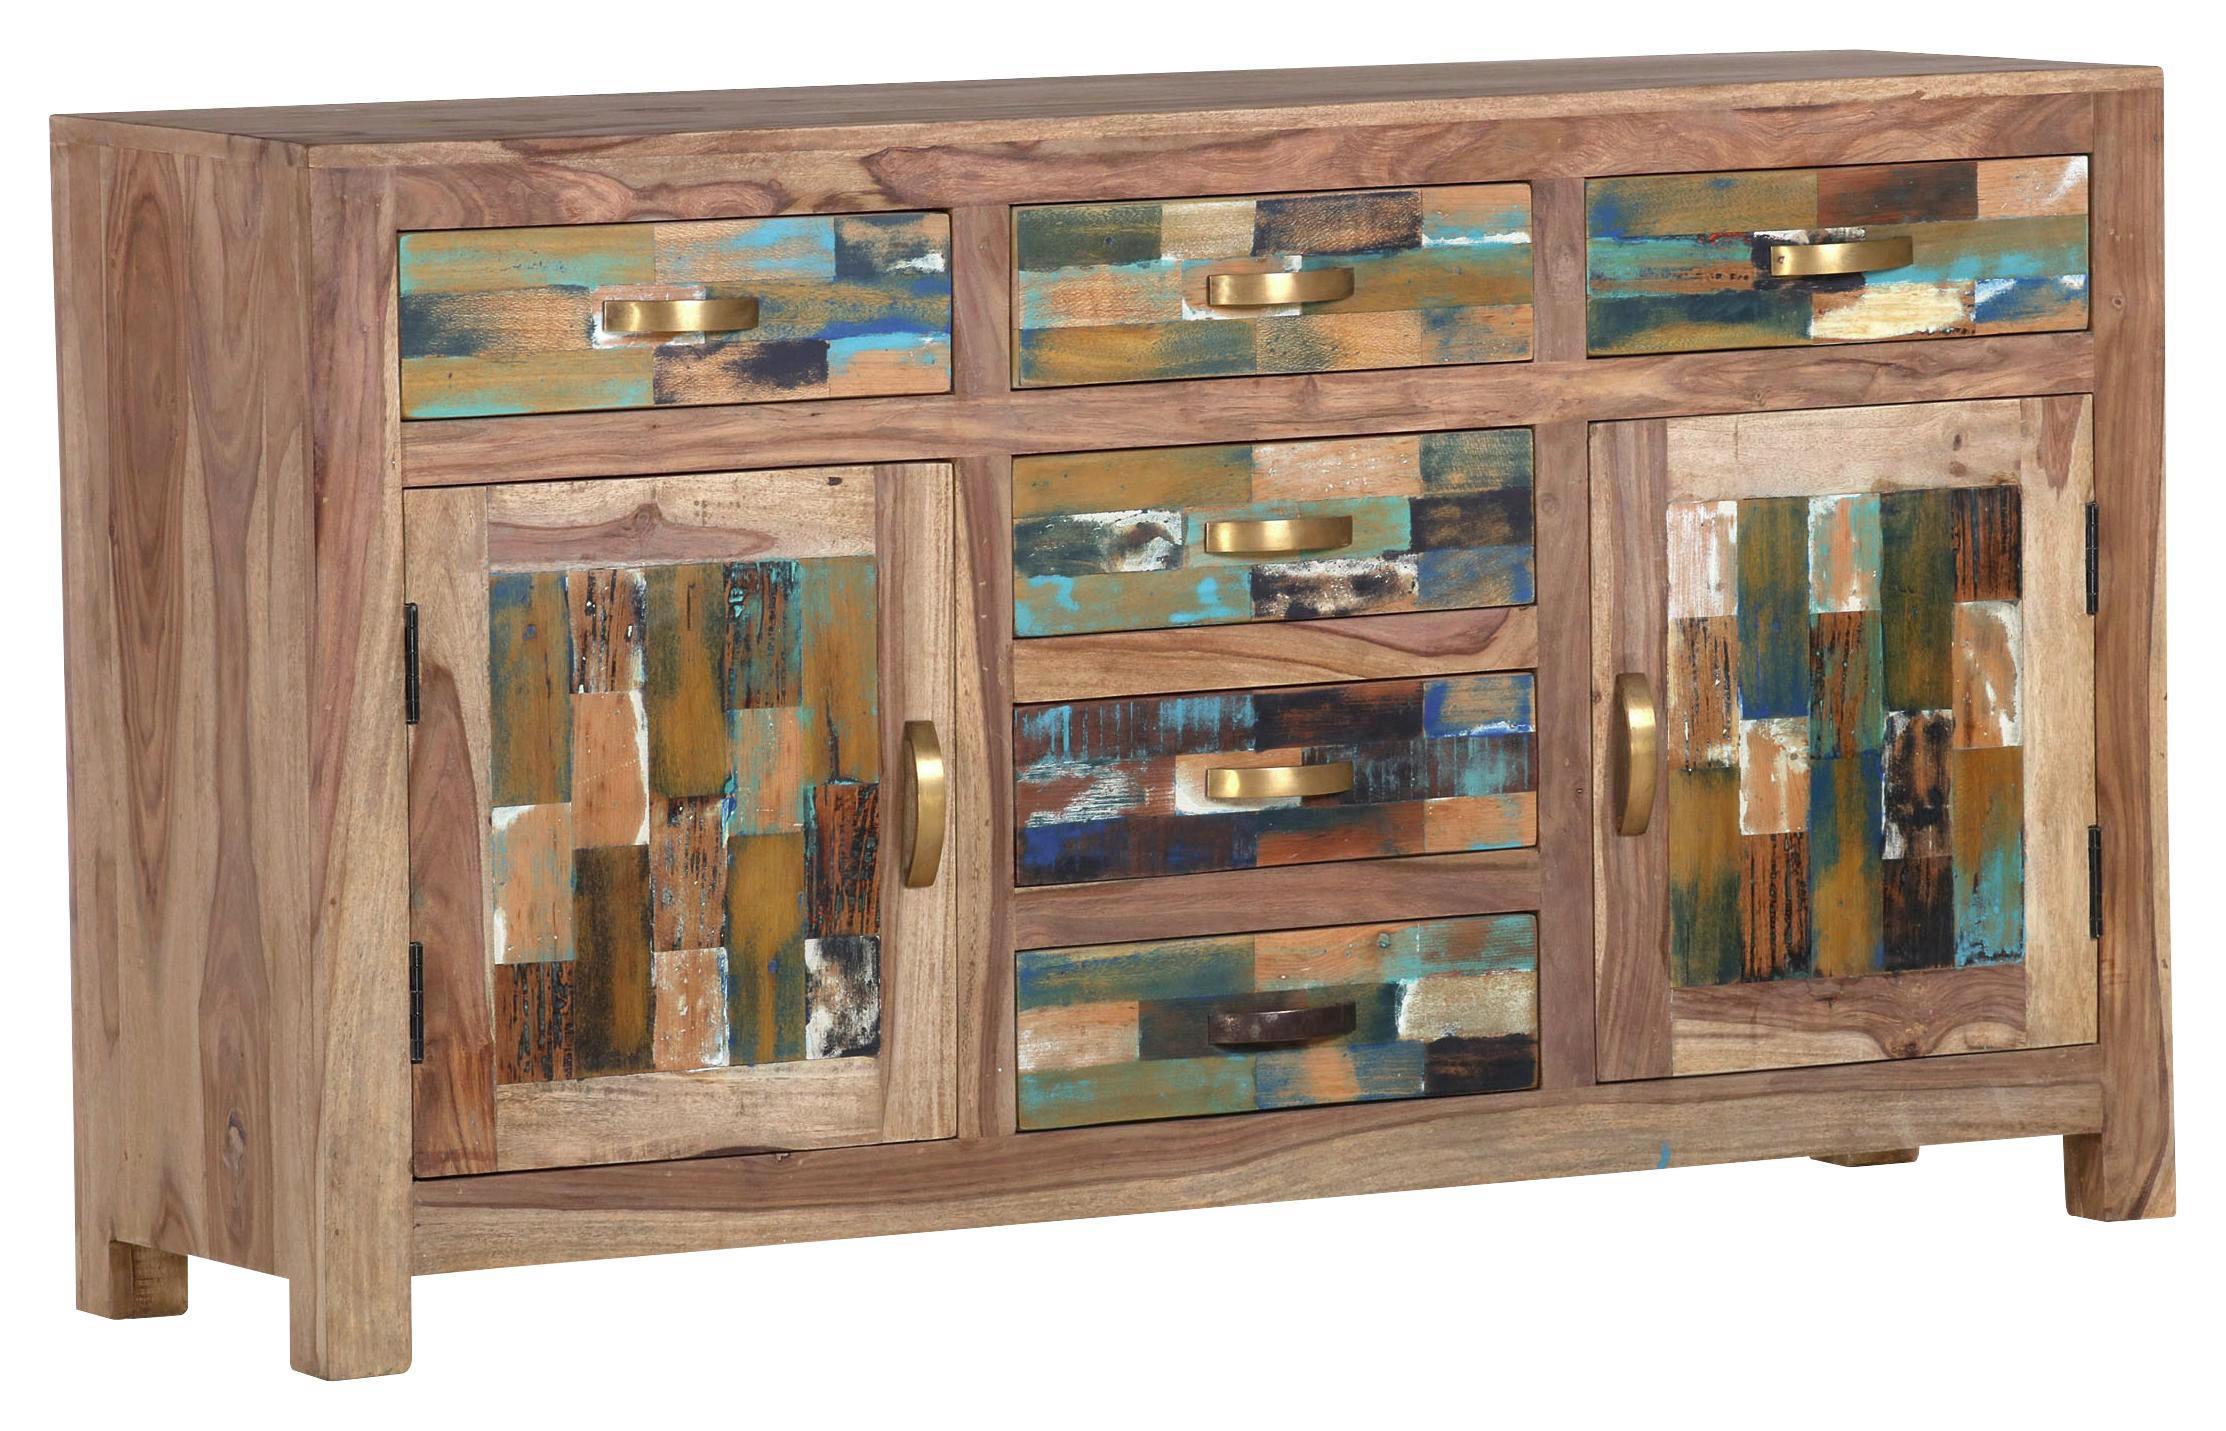 Sideboard Design Buchenholz Von Polit | Italienische Mobel Designer Sideboard Design Explosion Skulpturell